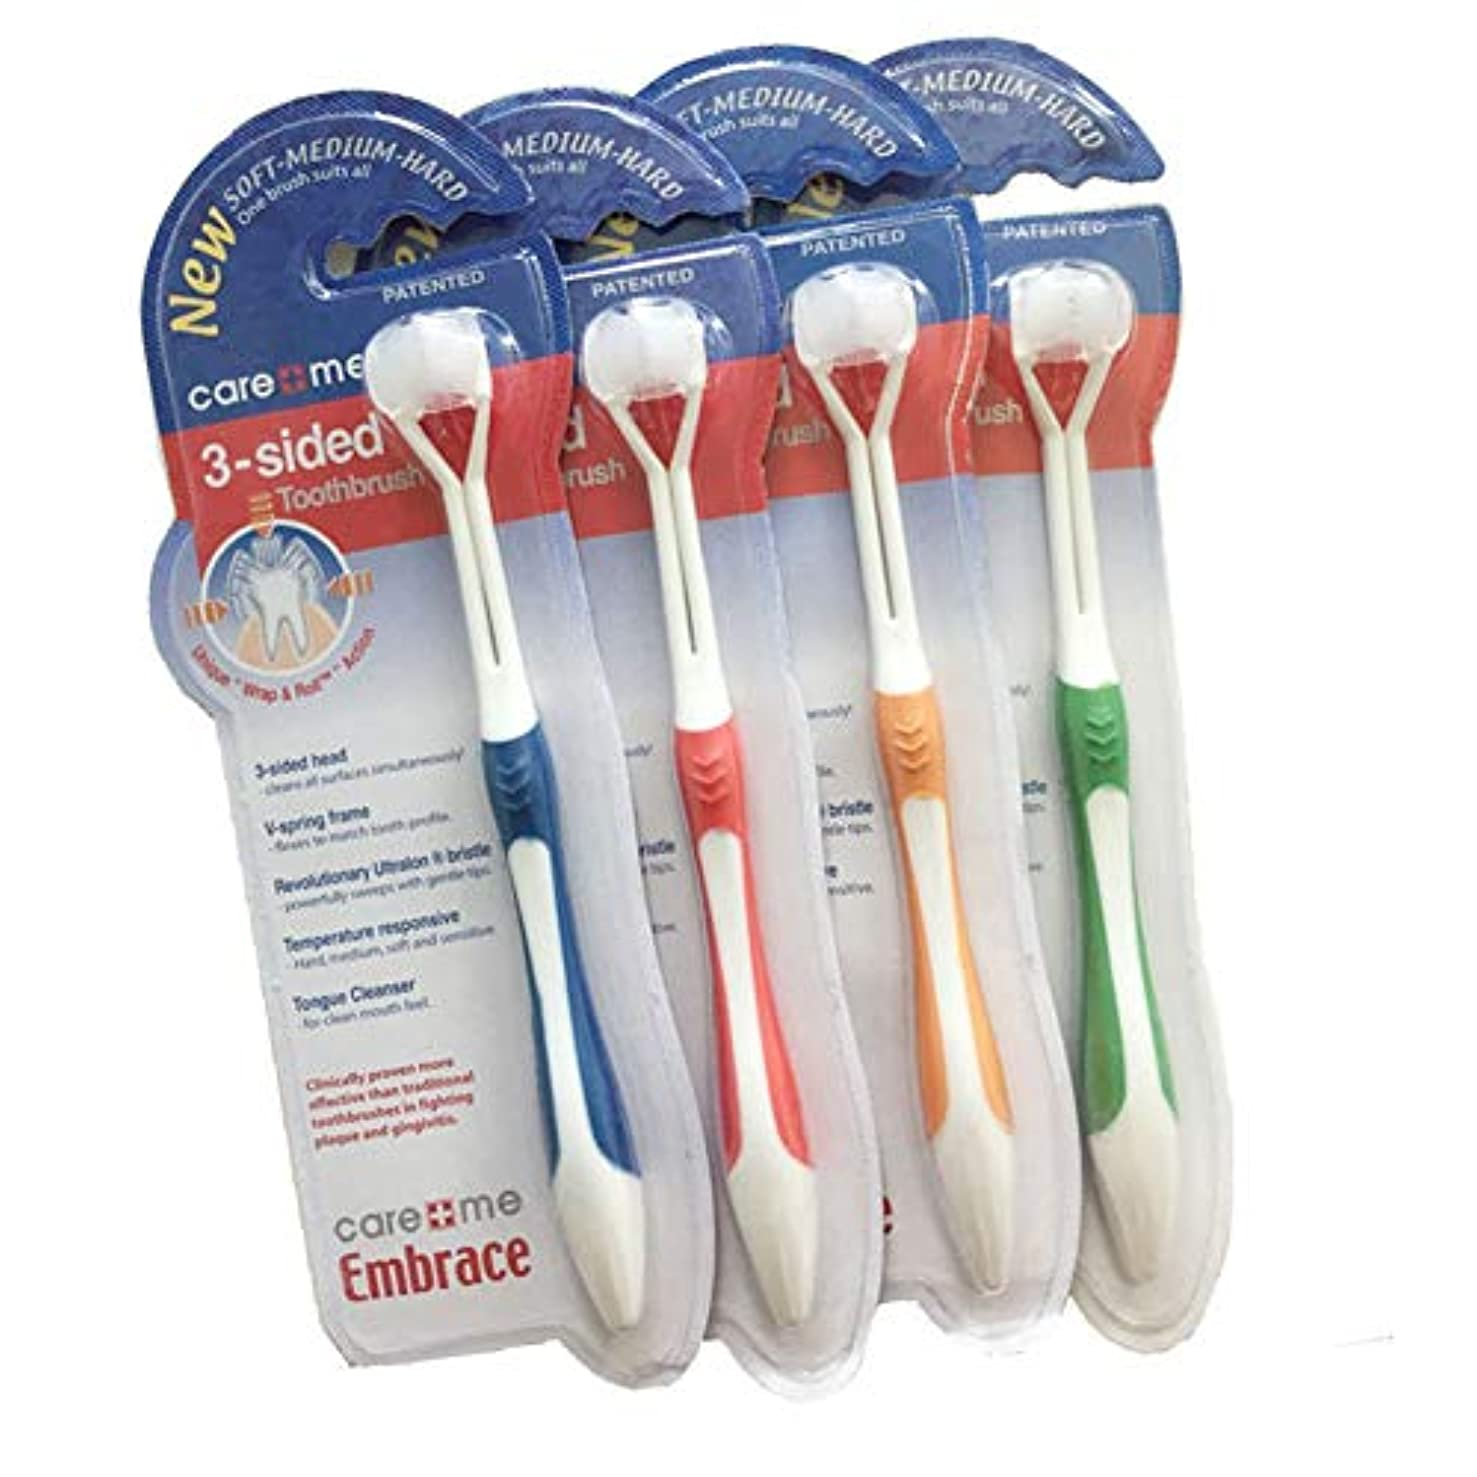 ひらめき提供するおんどり歯ブラシ FidgetFidget 大人の子供の歯のブラシ3頭の3つの側面超微細歯ブラシ 子供のタイプ